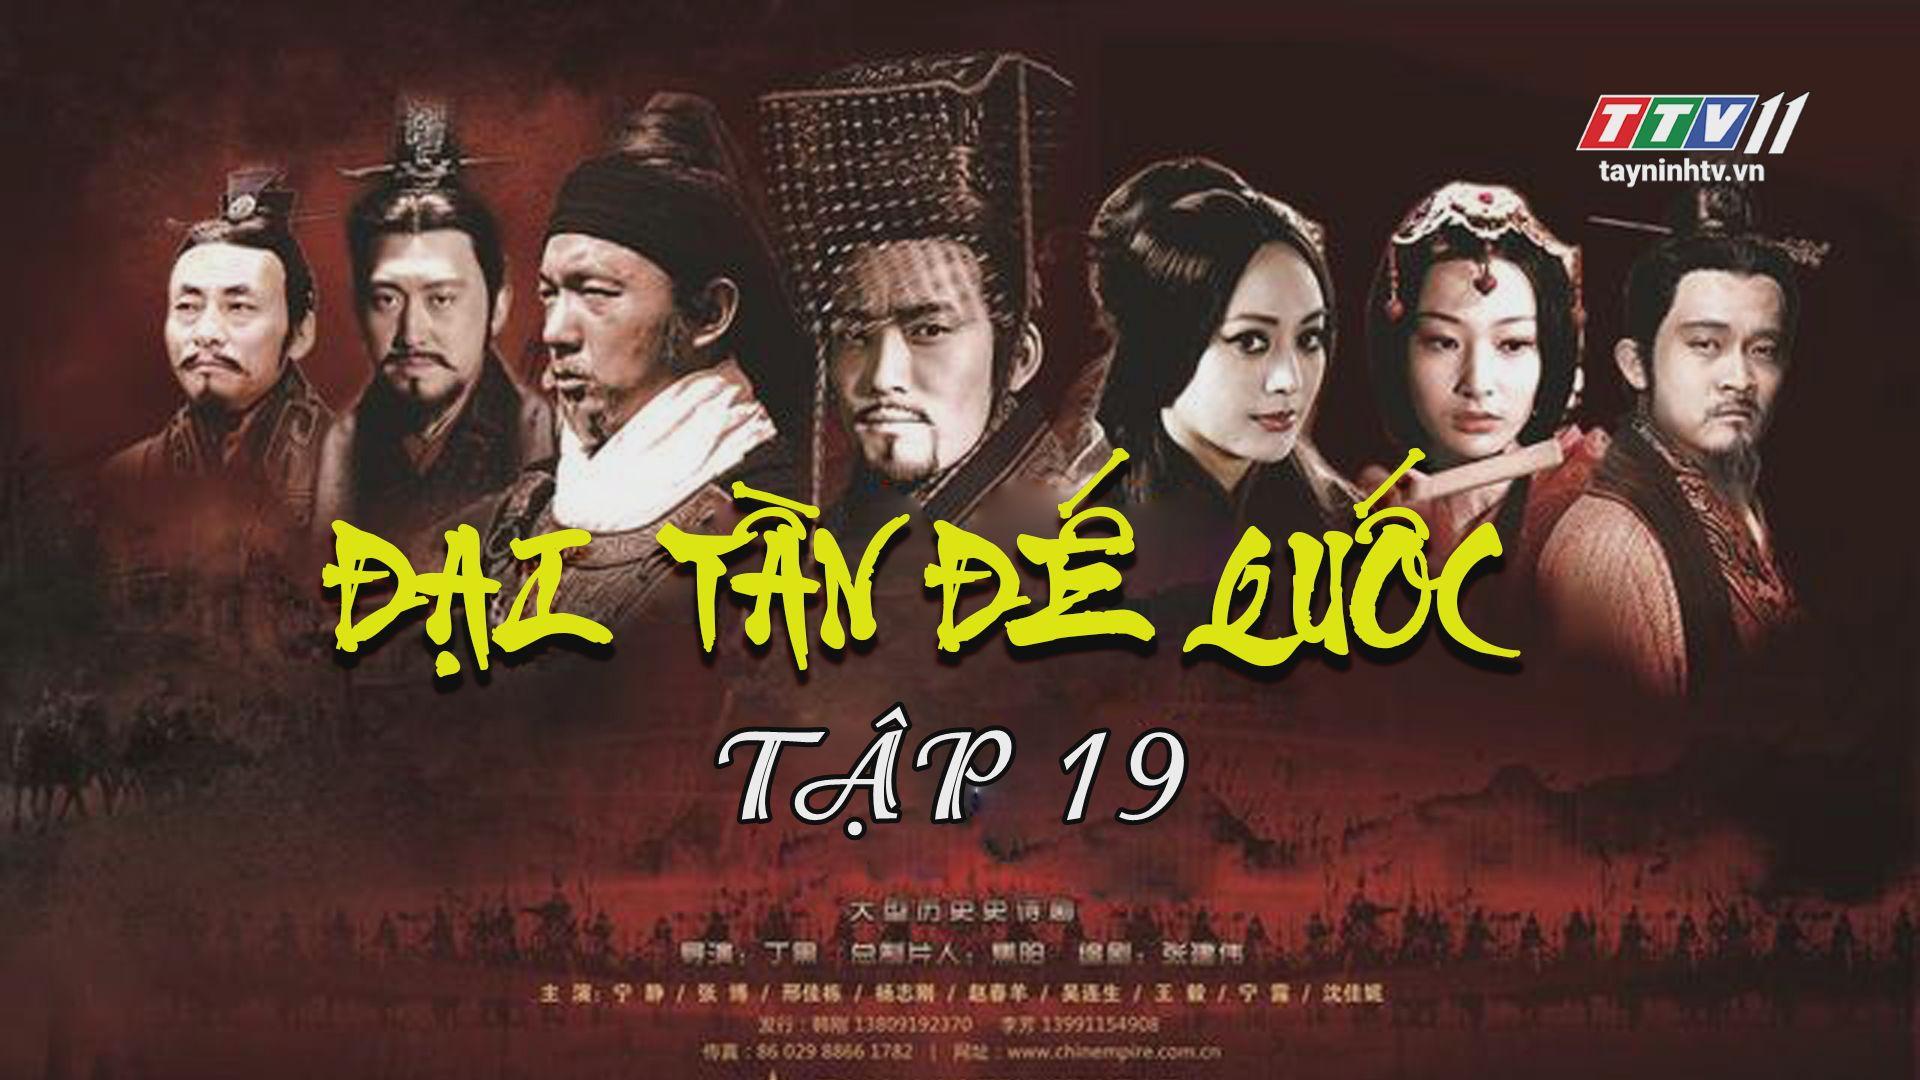 Tập 19 | ĐẠI TẦN ĐẾ QUỐC - Phần 3 | TayNinhTV